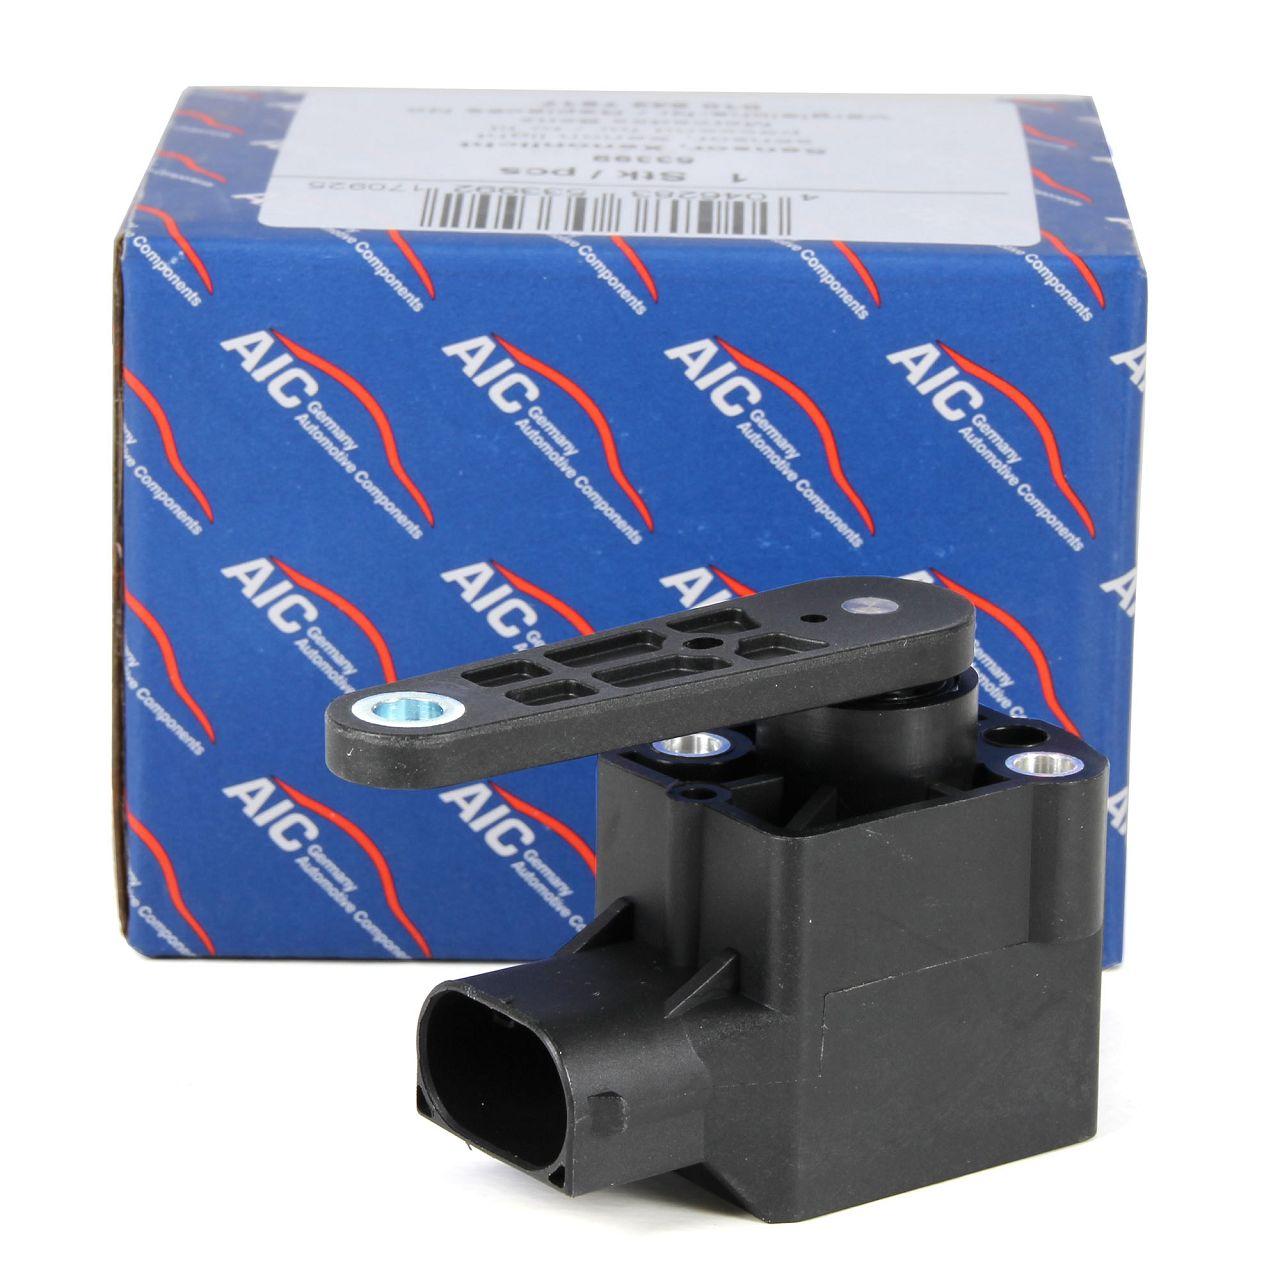 Niveausensor Xenonlicht Leuchtweitensensor für MERCEDES-BENZ | OE: 0105427617